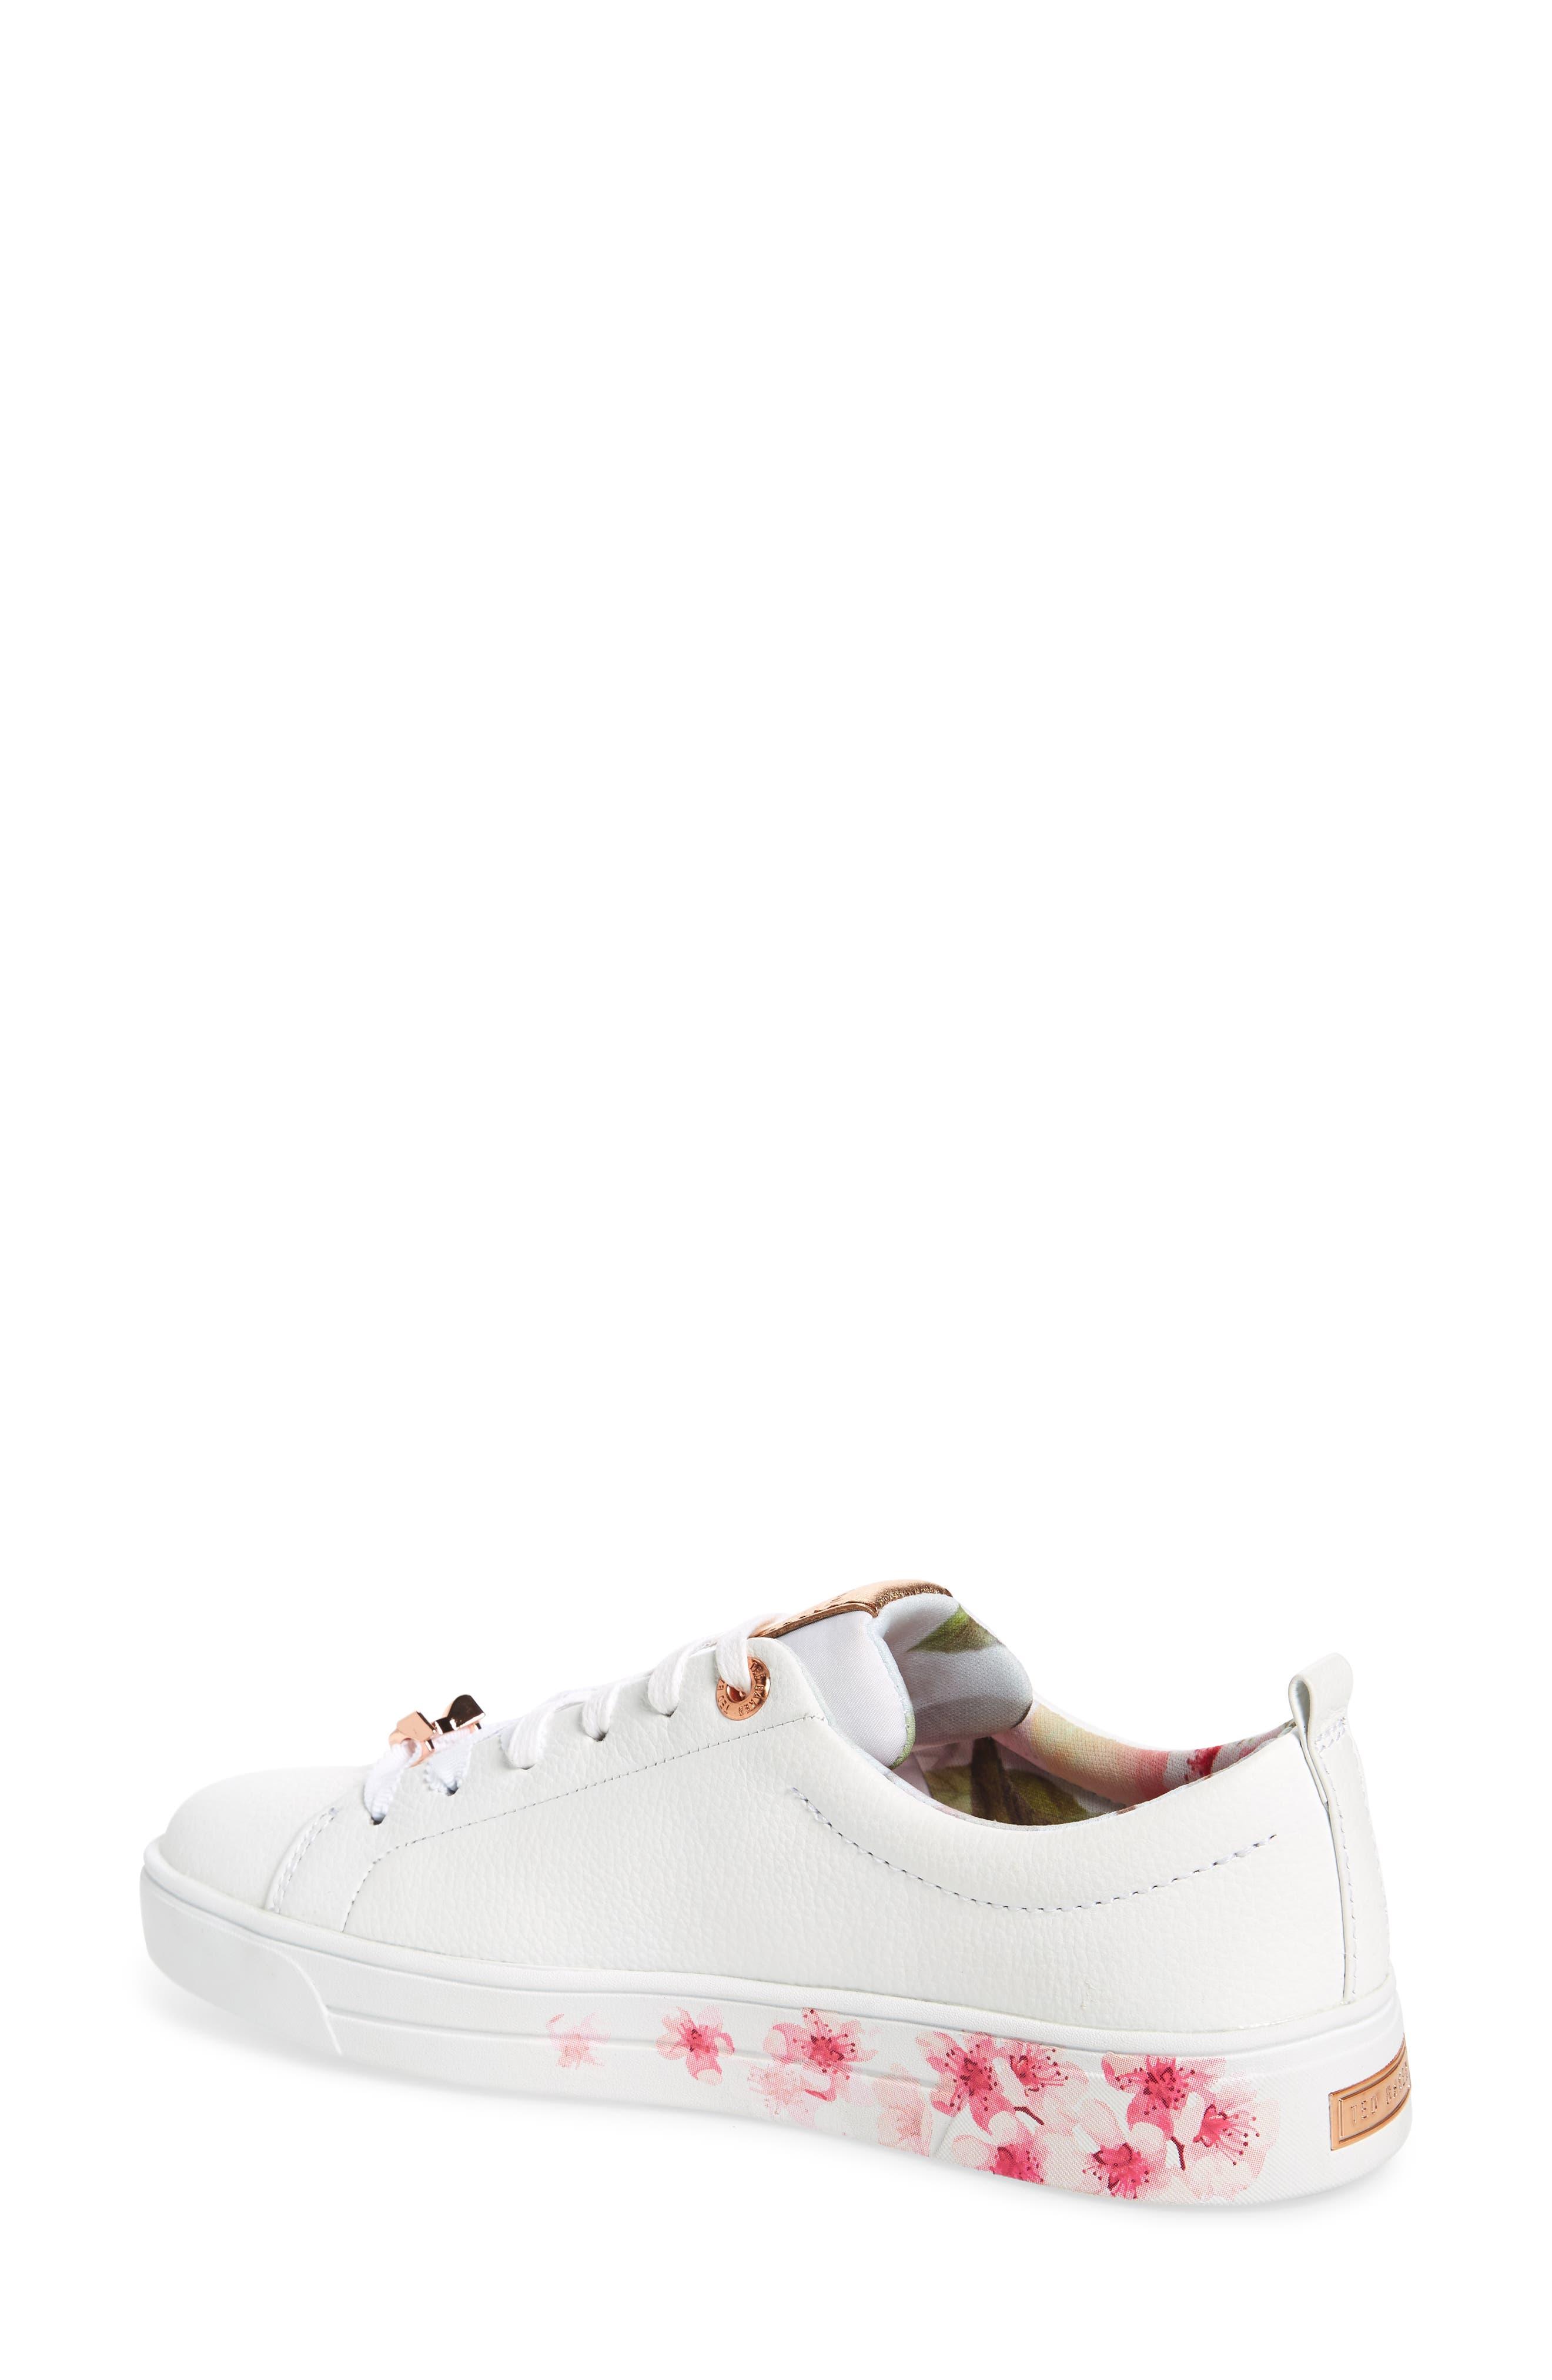 Kelleip Sneaker,                             Alternate thumbnail 10, color,